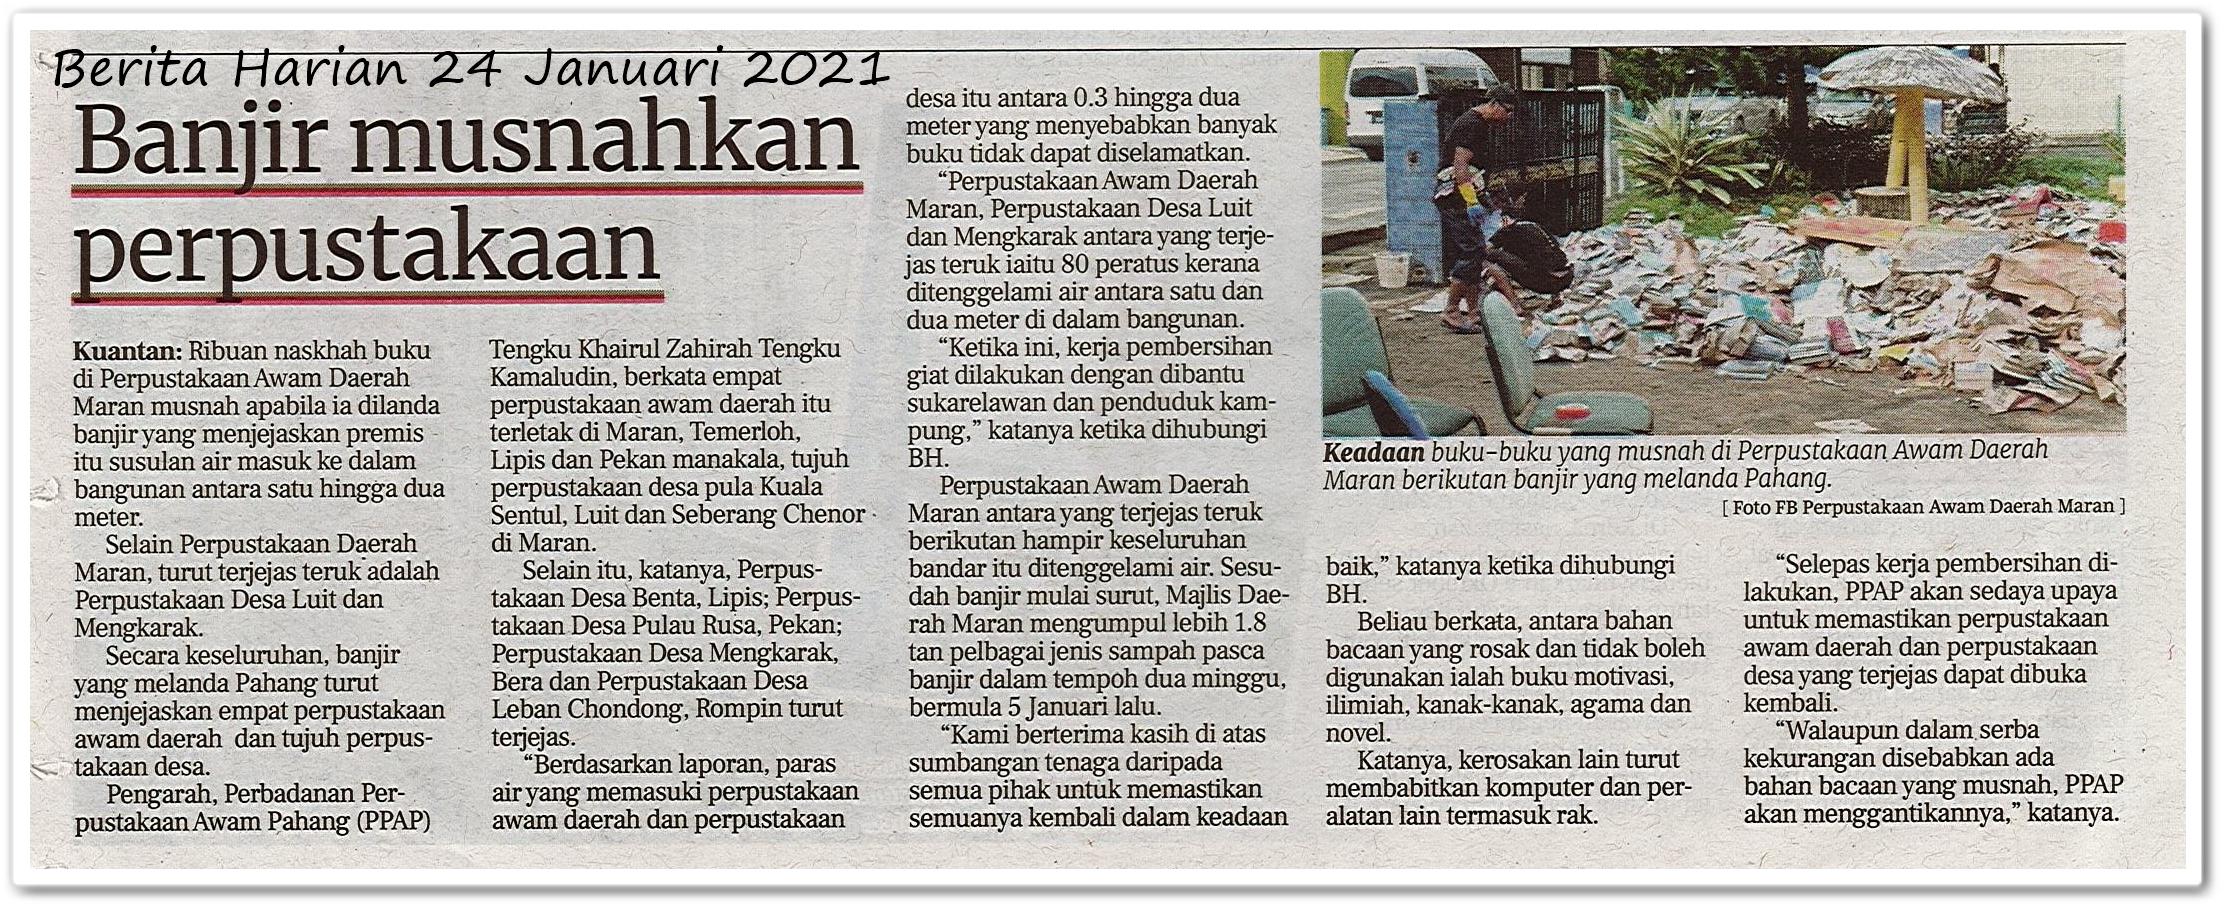 Banjir musnahkan perpustakaan - Keratan akhbar Berita Harian 24 Januari 2021